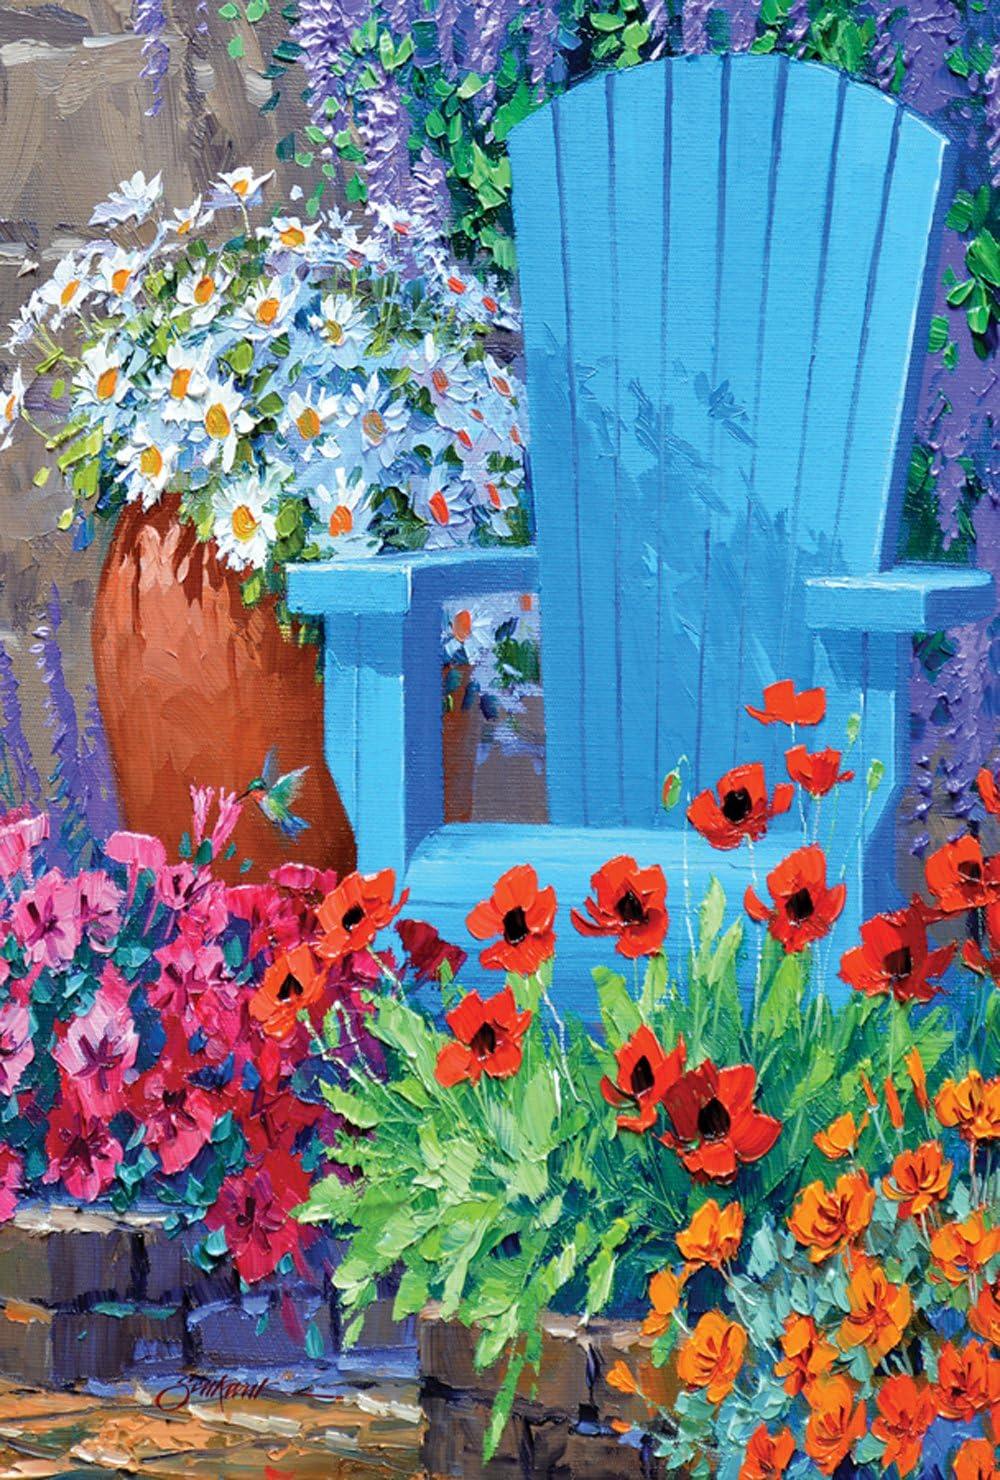 Toland Home Garden Super sale period limited 119993 Adirondack 18 12.5 x Arrangement Tucson Mall Inch